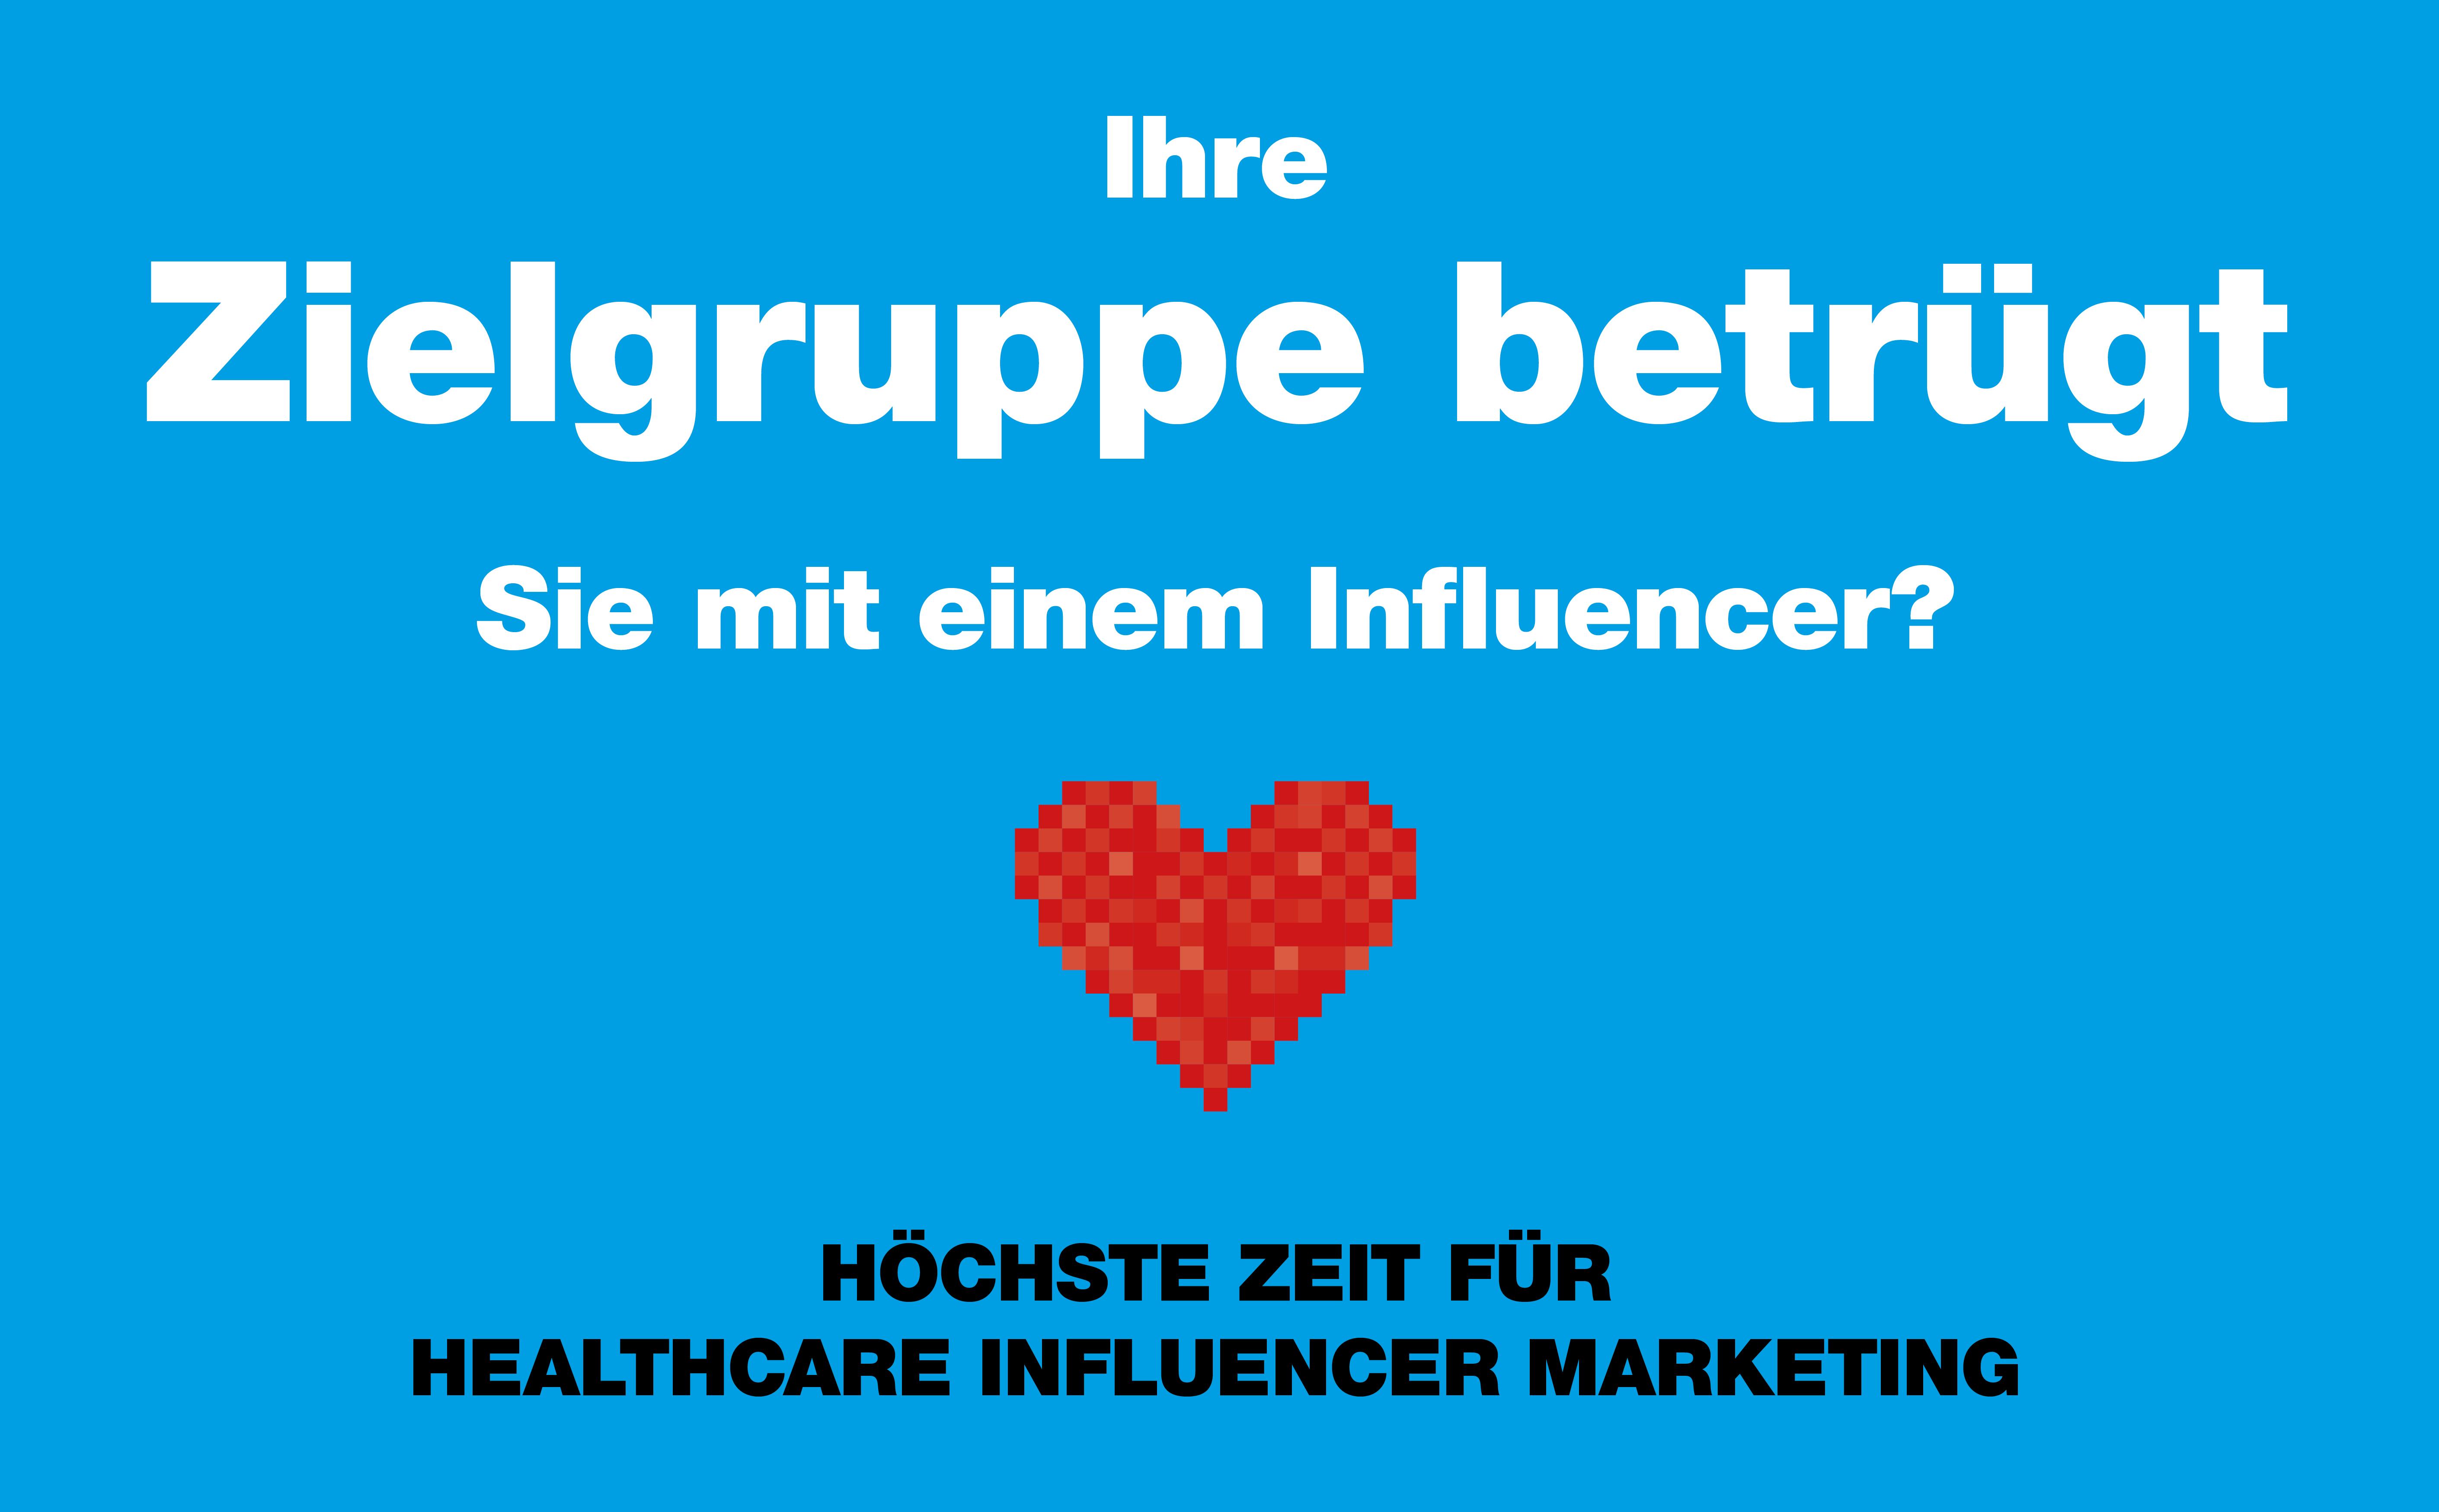 Influencer Marketing für Healthcare Unternehmen